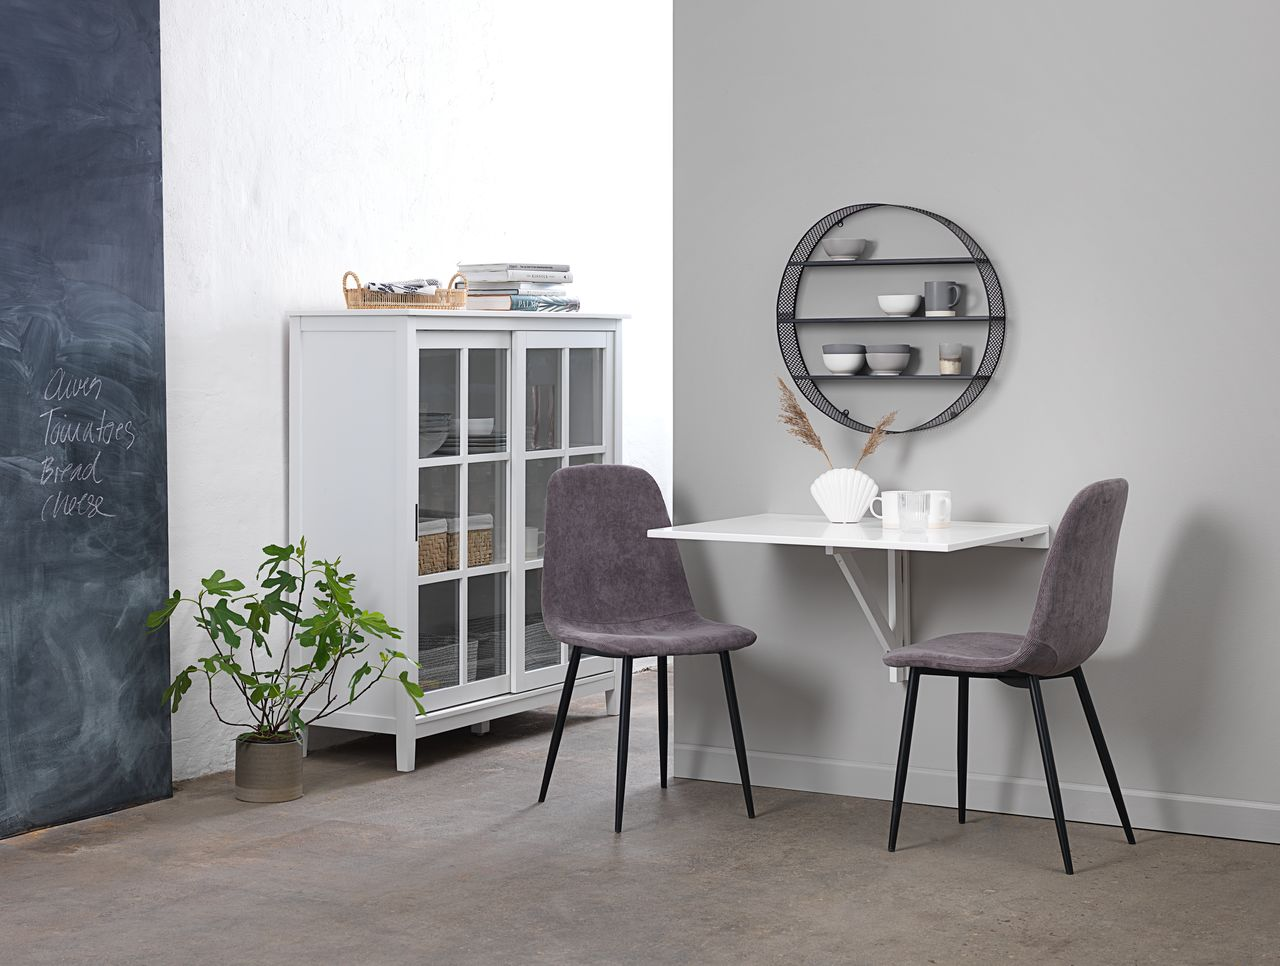 Stol JONSTRUP kordfløyel grå | JYSK